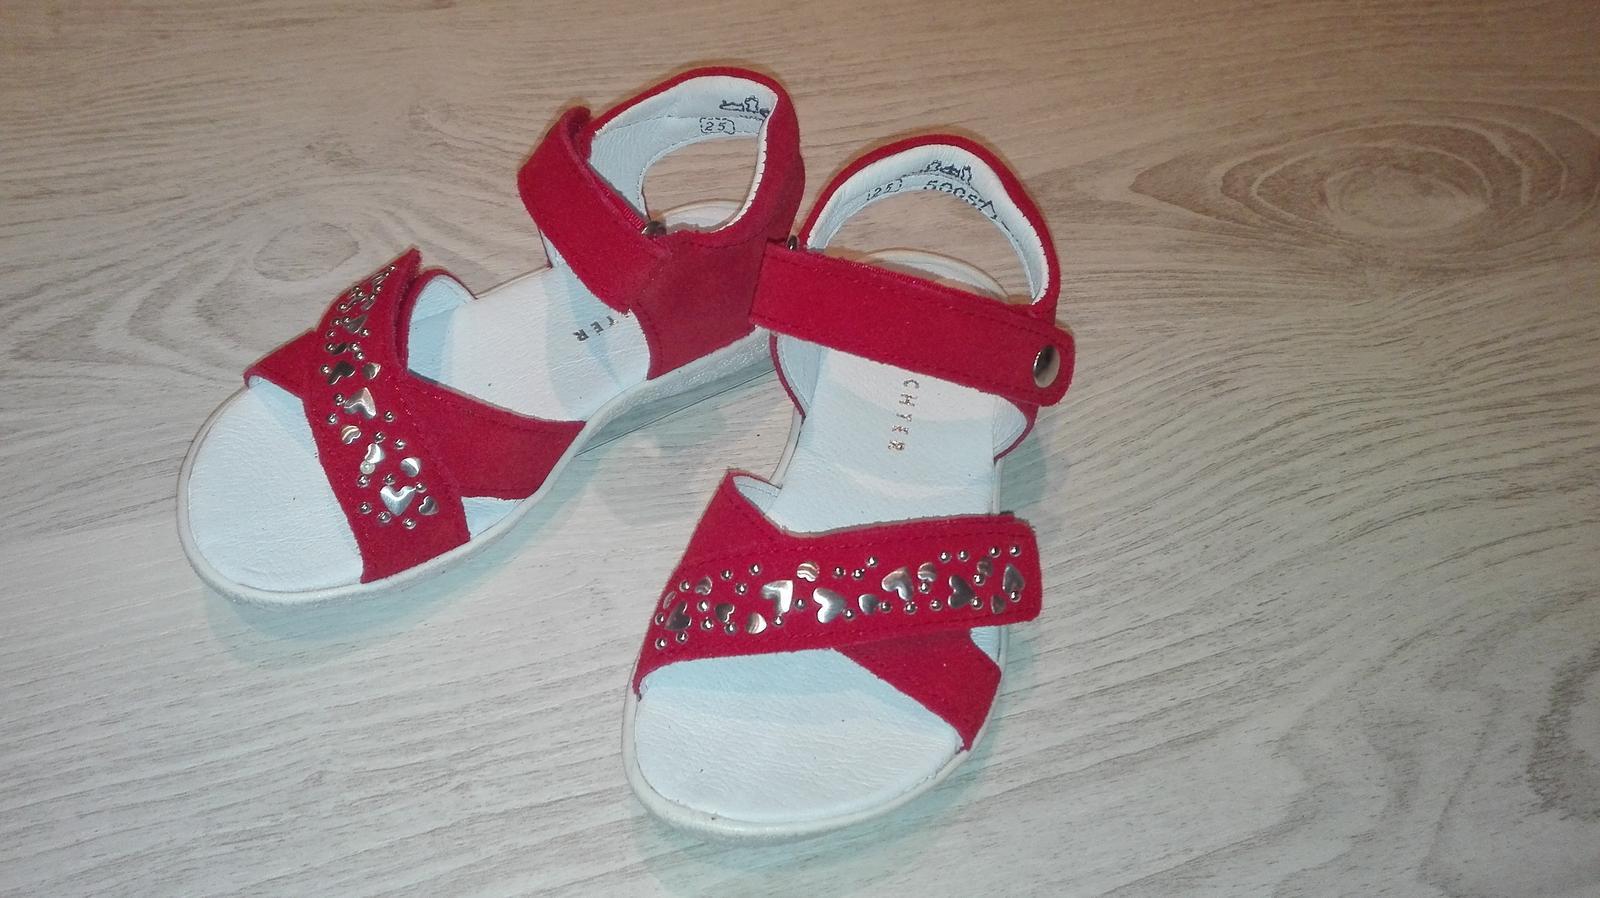 Kožené sandálky č. 25 zn. Richter červené - Obrázok č. 1